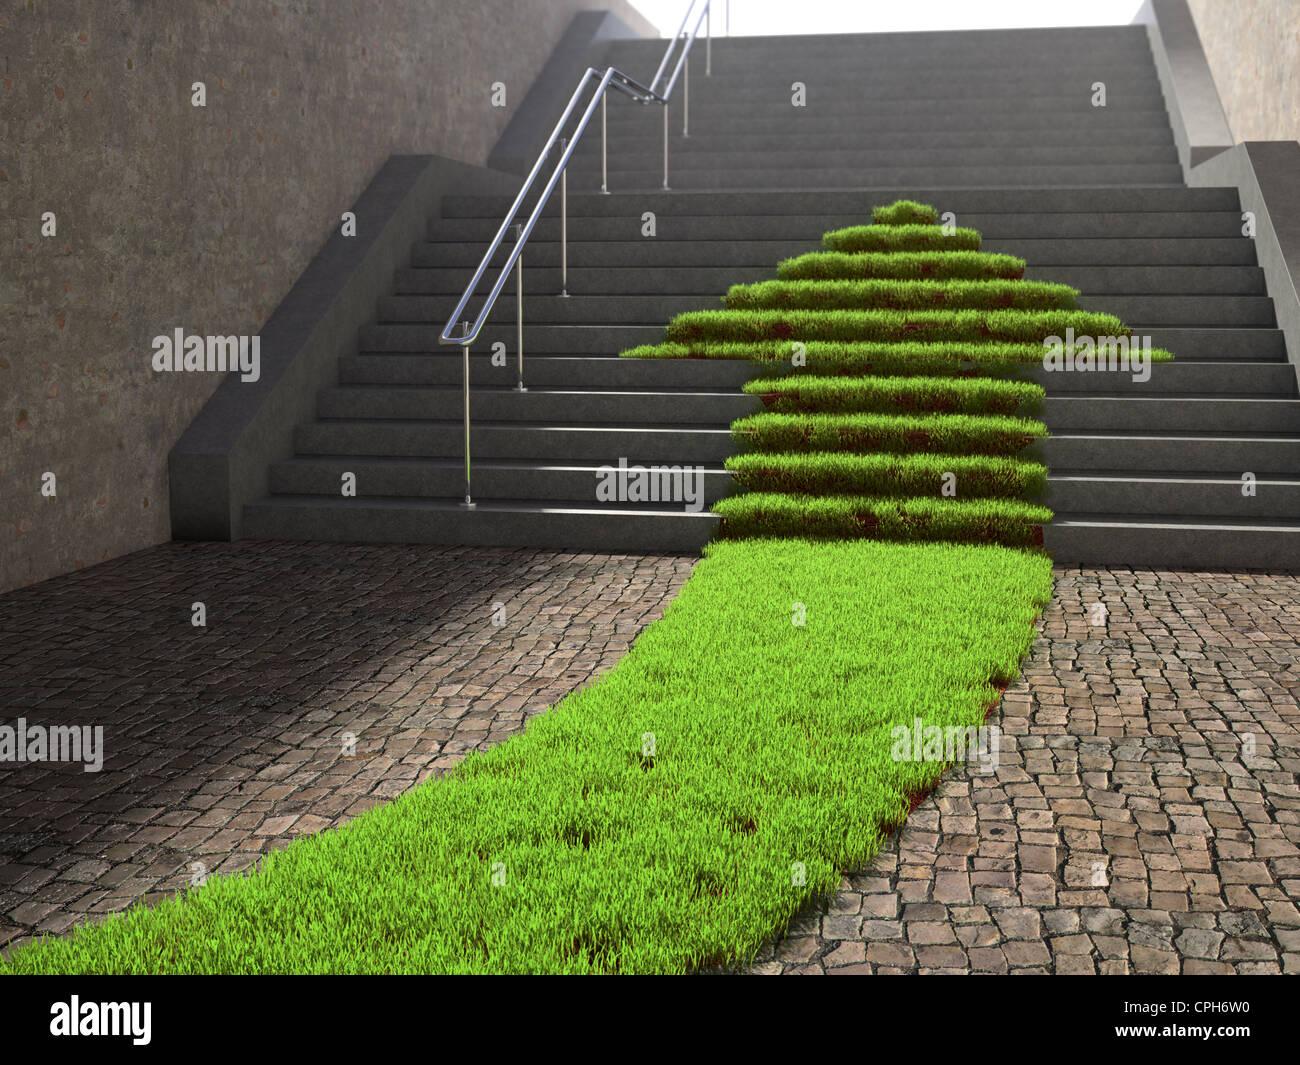 Städtisches Motiv mit Pfeil geformt Grass Patch wächst auf einer Treppe Stockbild